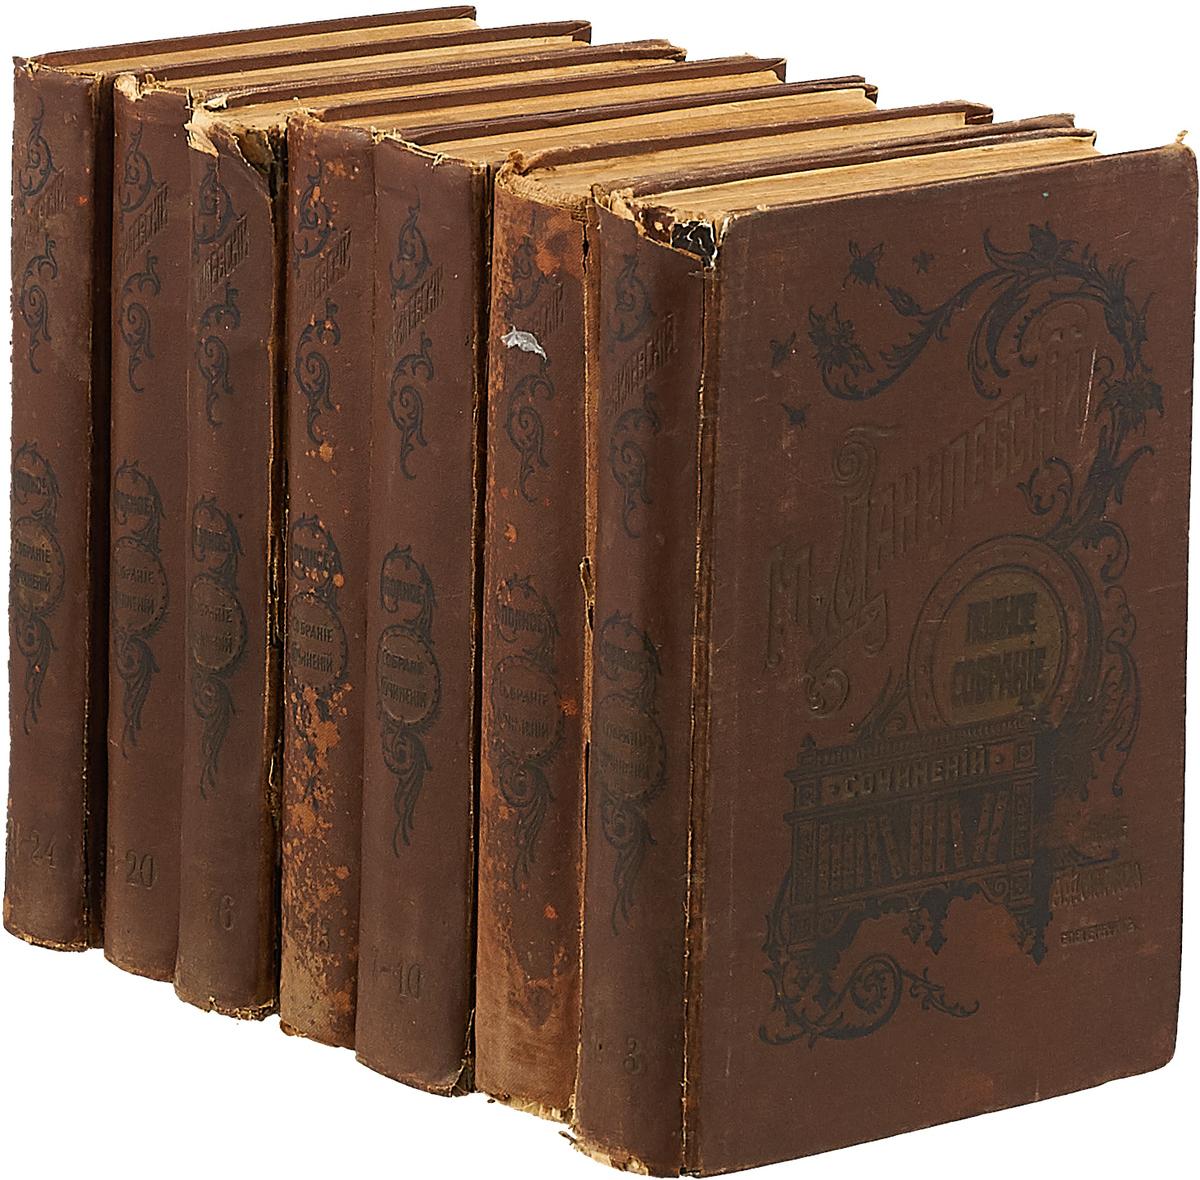 Г. П. Данилевский. Собрание сочинений. В 24 томах (комплект из 7 книг) цена